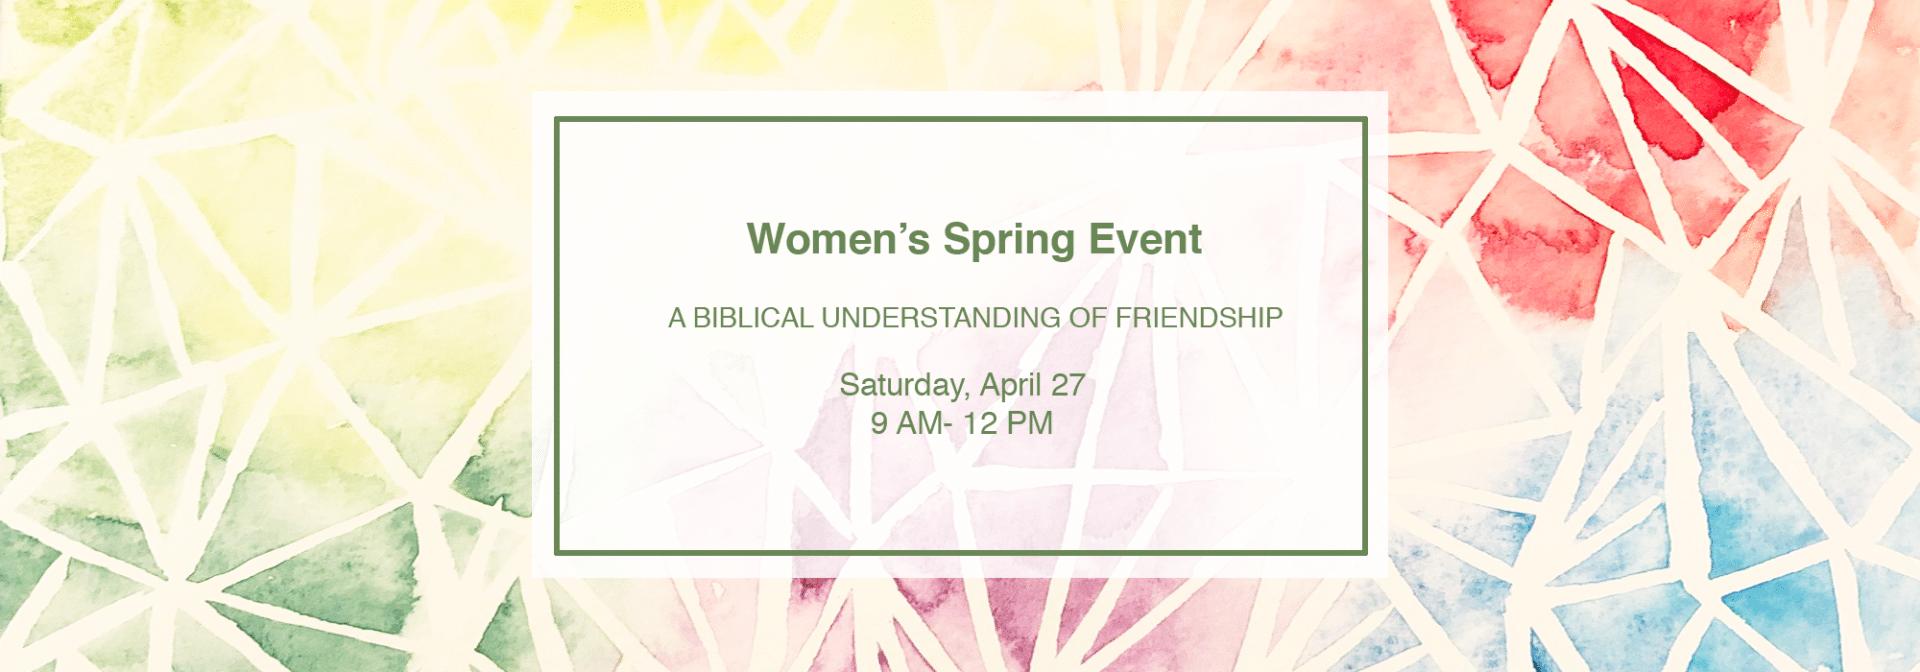 A Biblical Understanding of Friendship